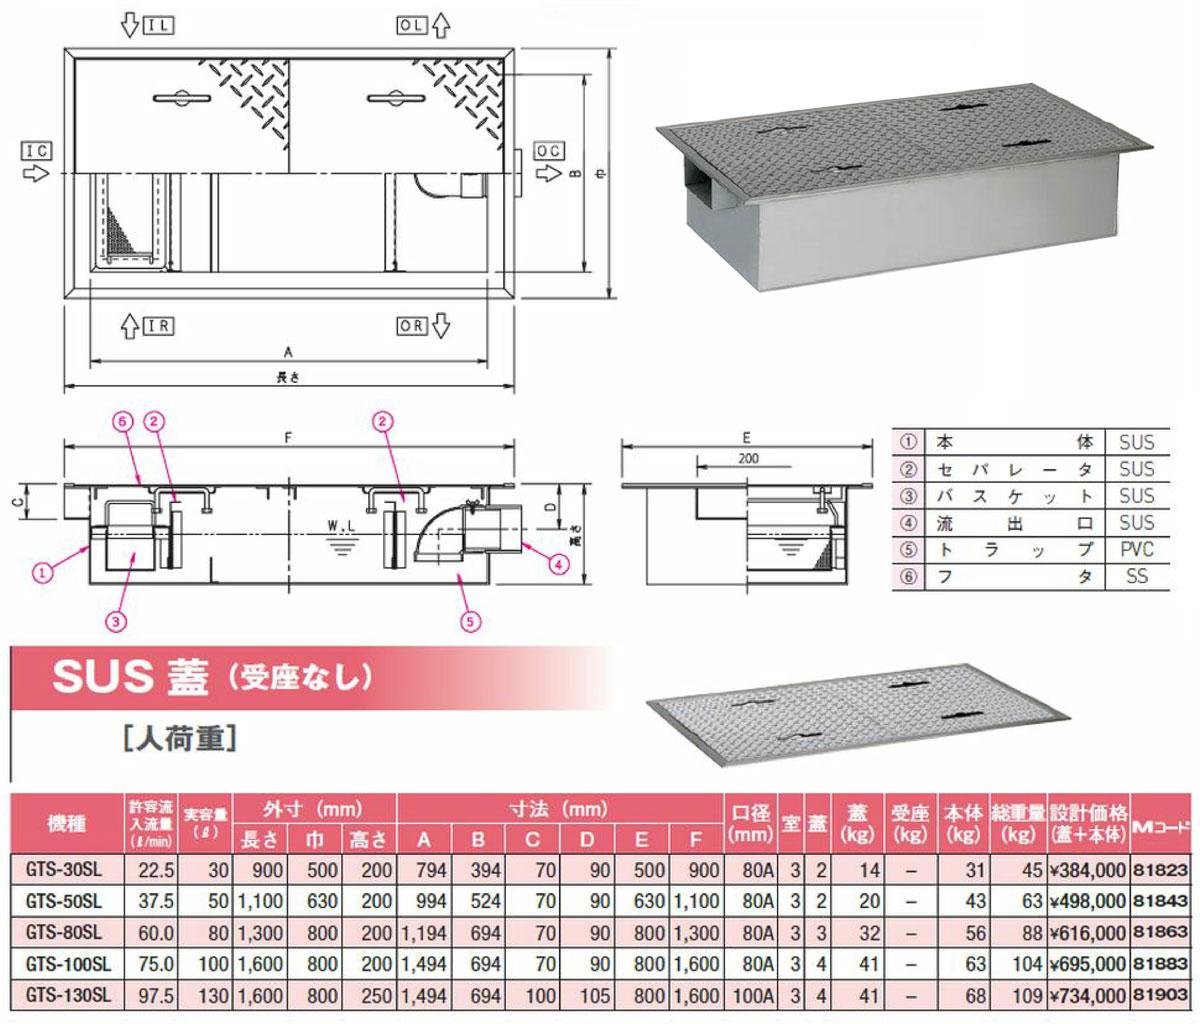 【GTS-50SL SUS蓋】 《TKF》 マエザワ SUS製グリーストラップ シリーズ 側溝流入超浅型 GTS-SL ωε1